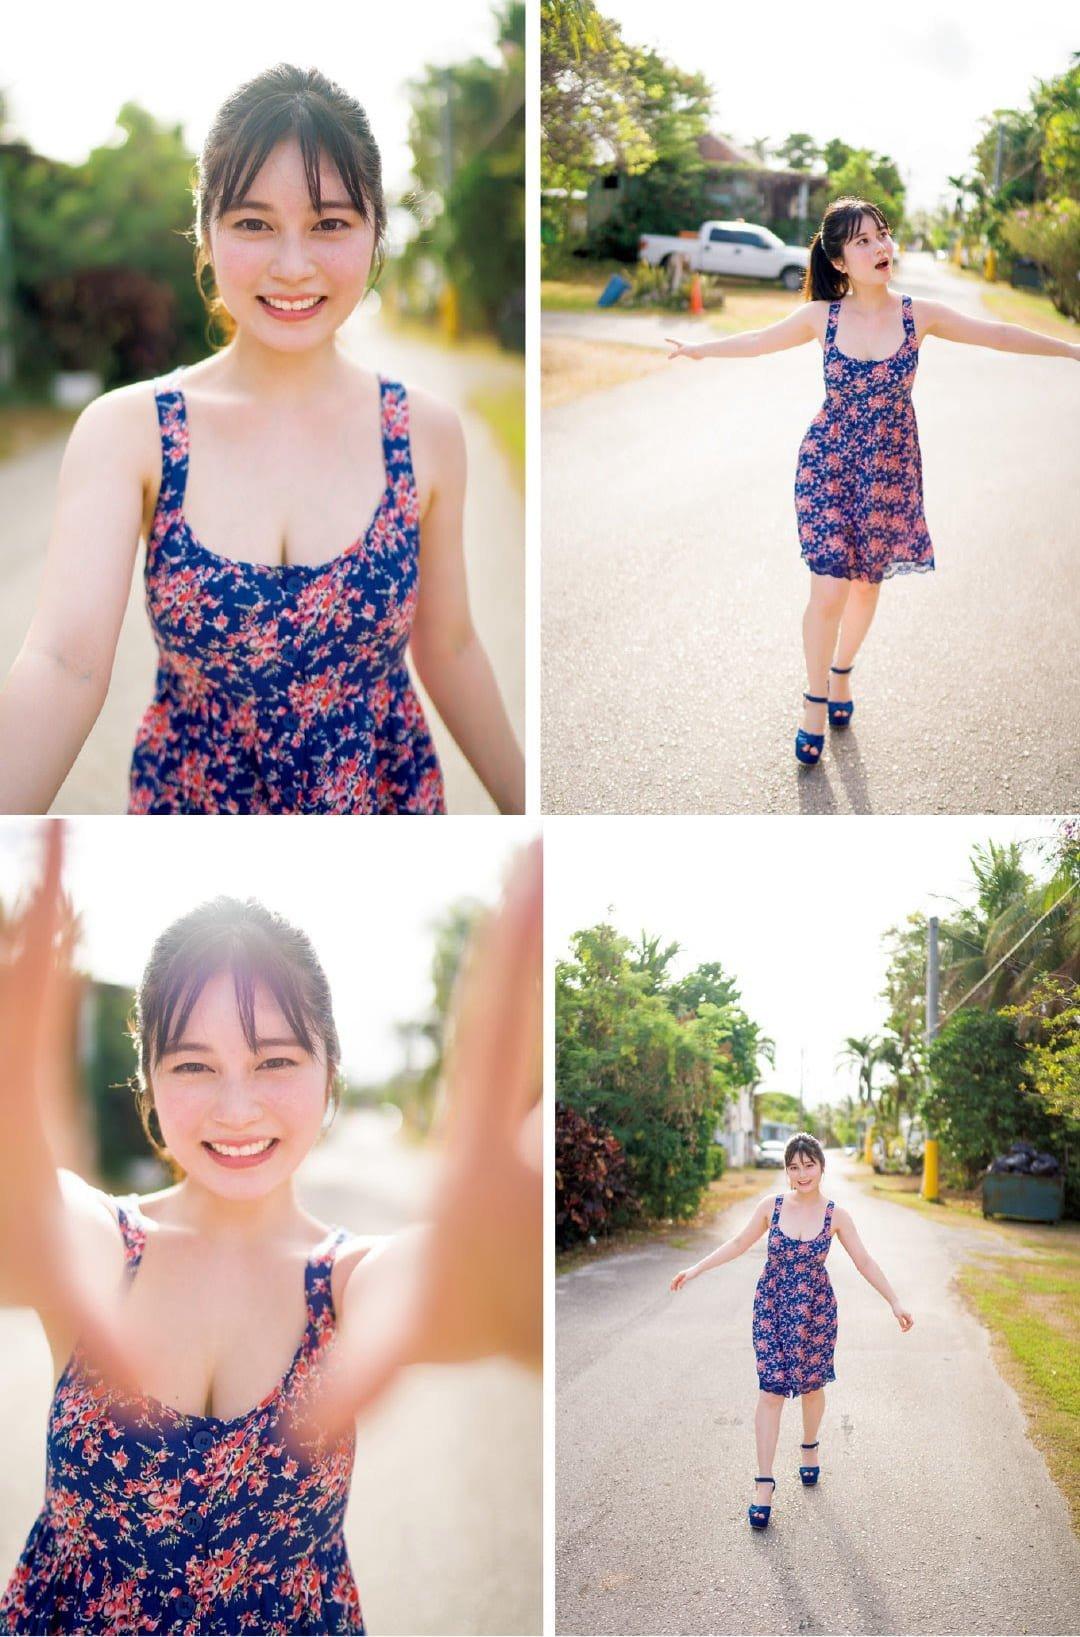 グラビアアイドル画像|美しさと健康的なボディを兼ね備えている元キュウレンジャーの大久保桜子ちゃんの総まとめその2 100枚